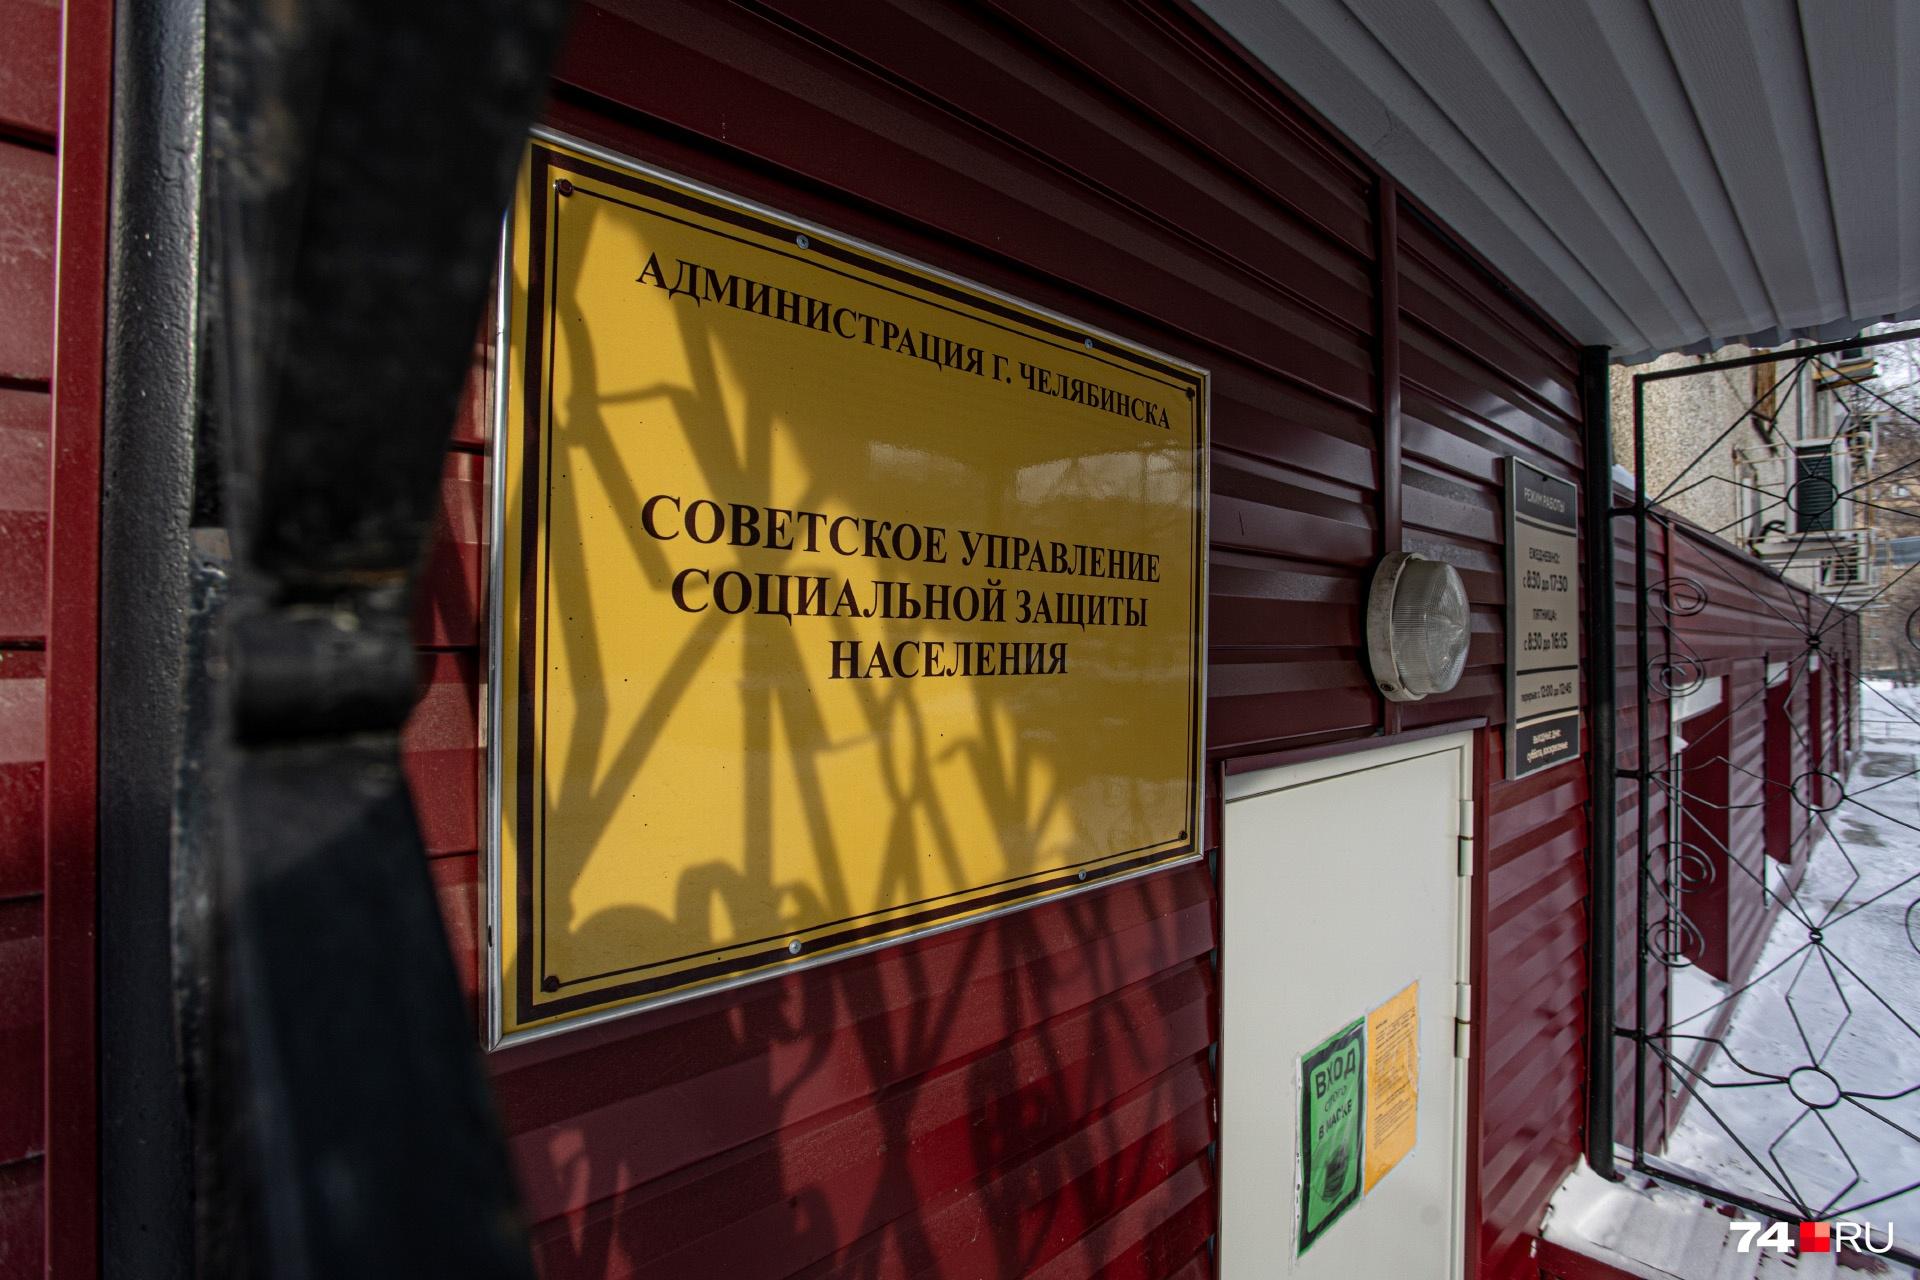 Больше всего Андрея Косухина возмущает то, что парковаться ему запретила не какая-то частная организация, а соцзащита